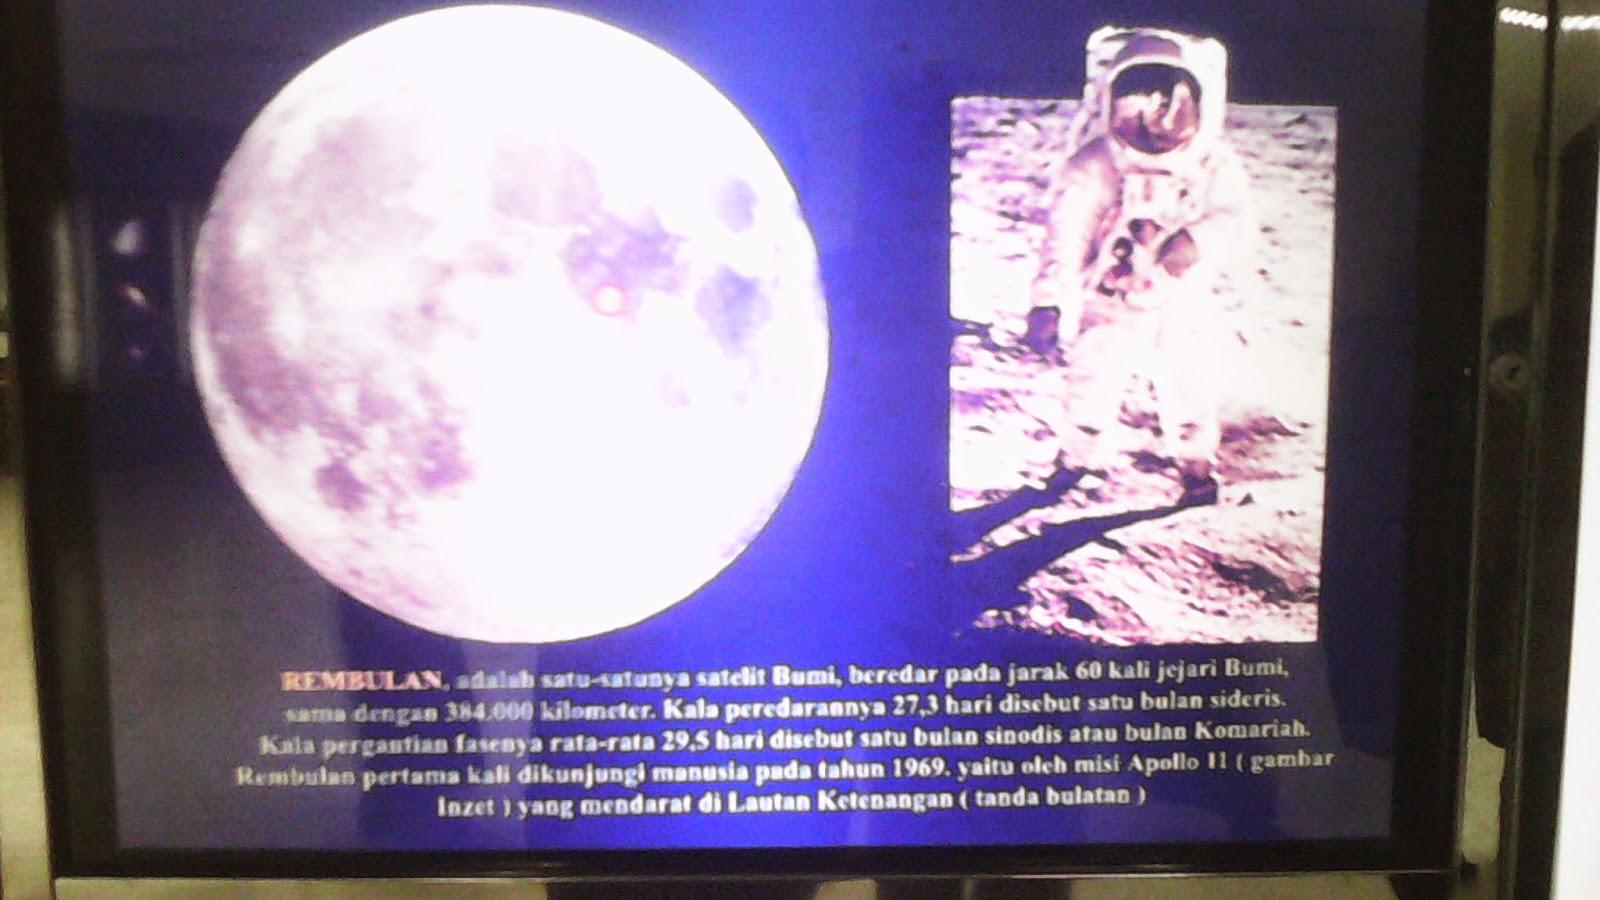 Planetarium Jagad Raya Kutai Kartanegara